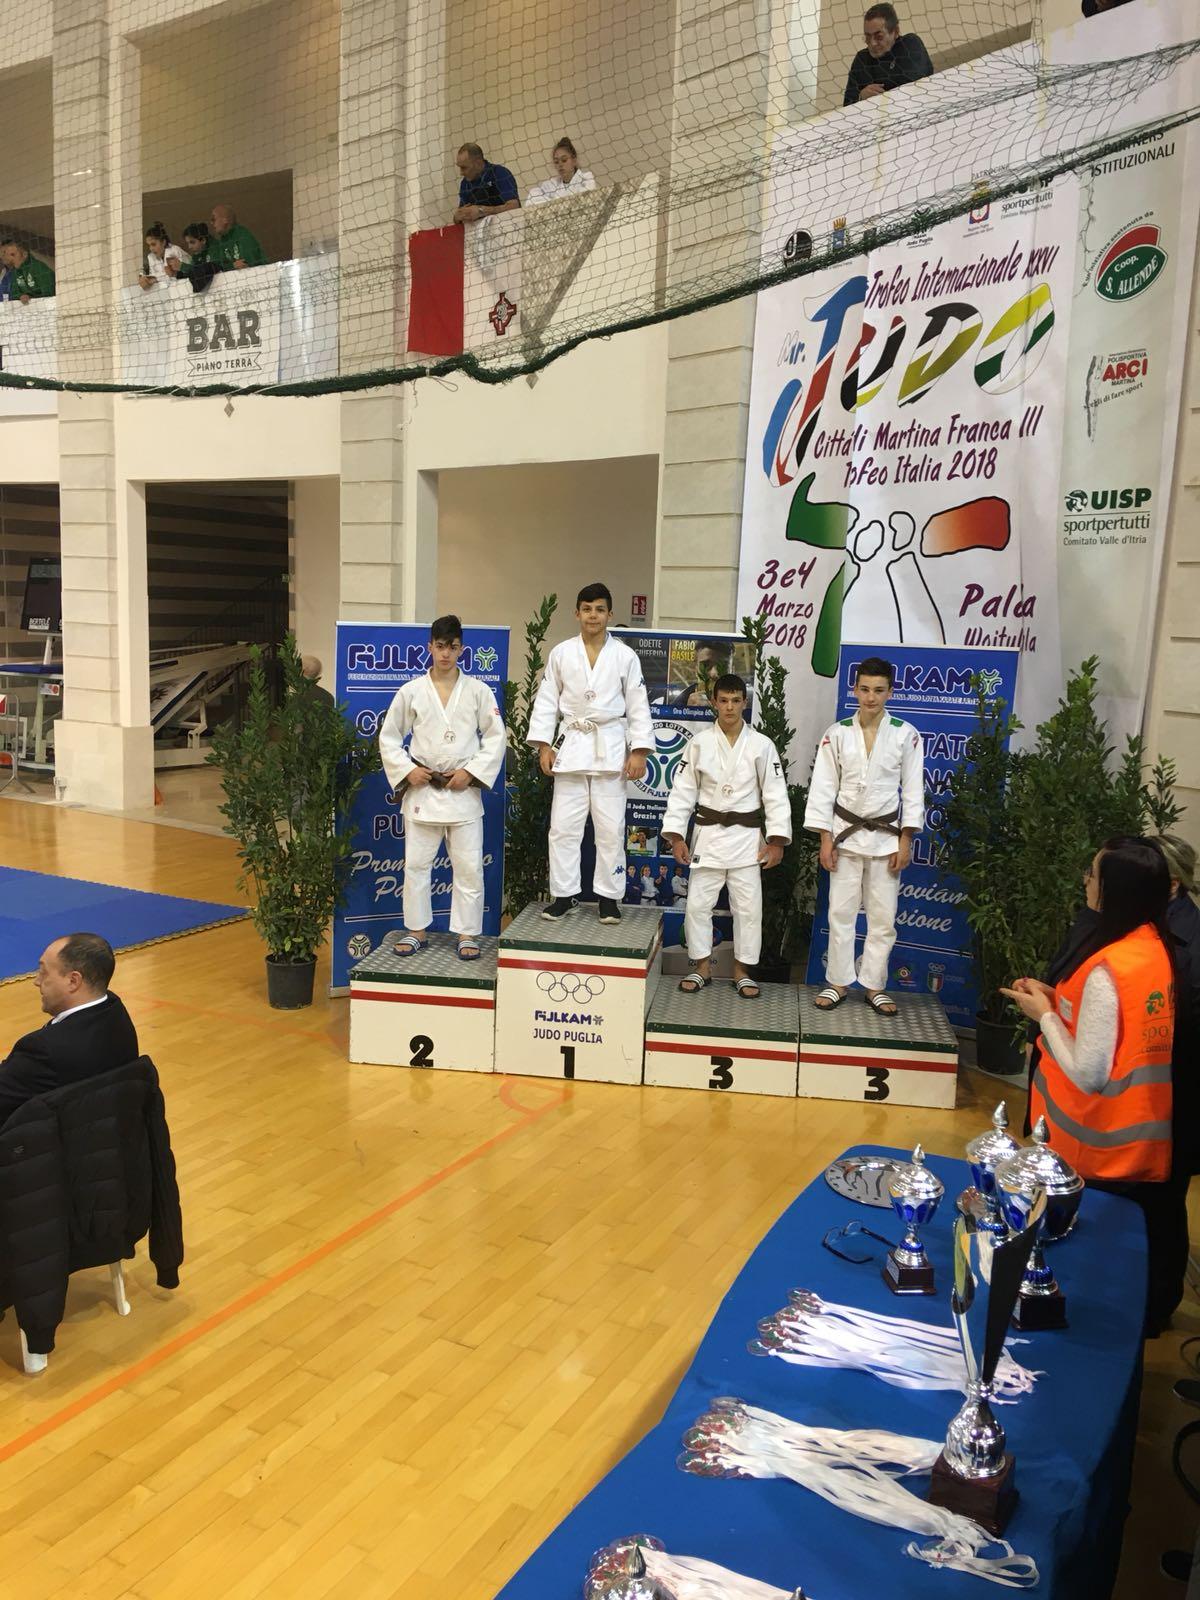 Trofeo MrJudo Puglia 2018